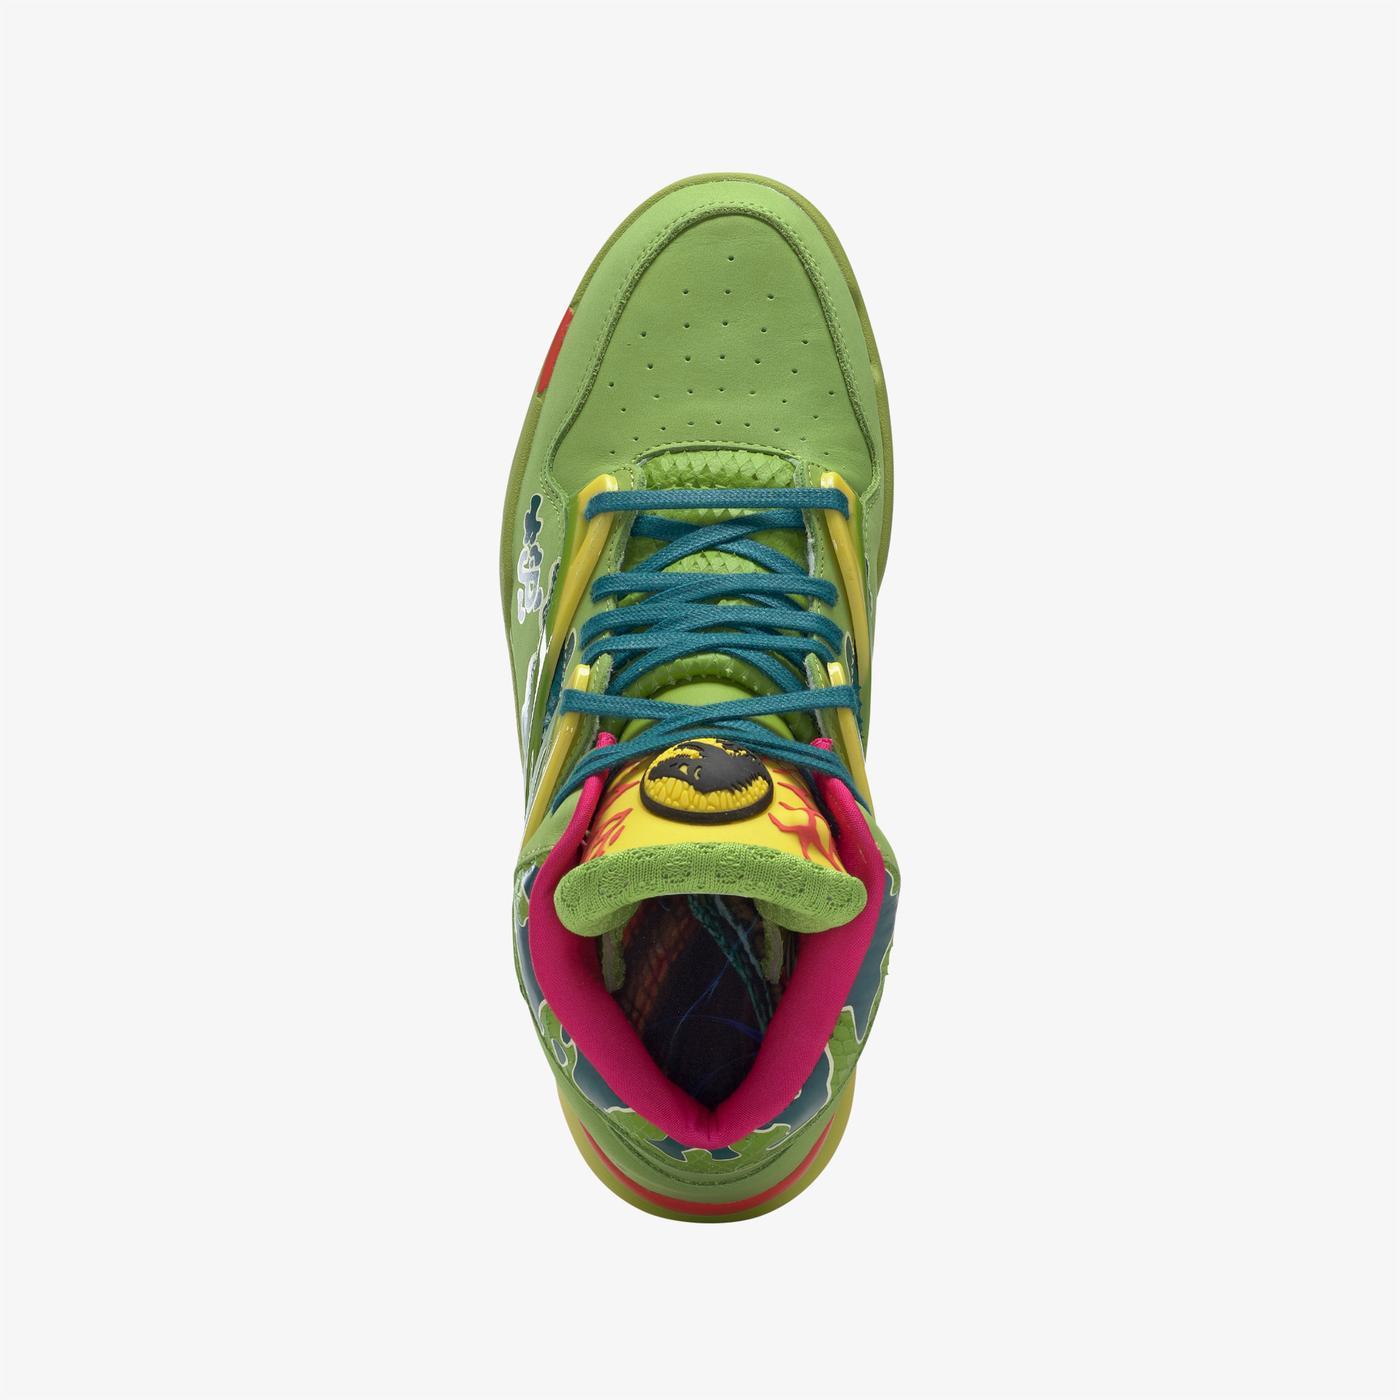 Reebok Pump Omni Zone II Unisex Yeşil Spor Ayakkabı